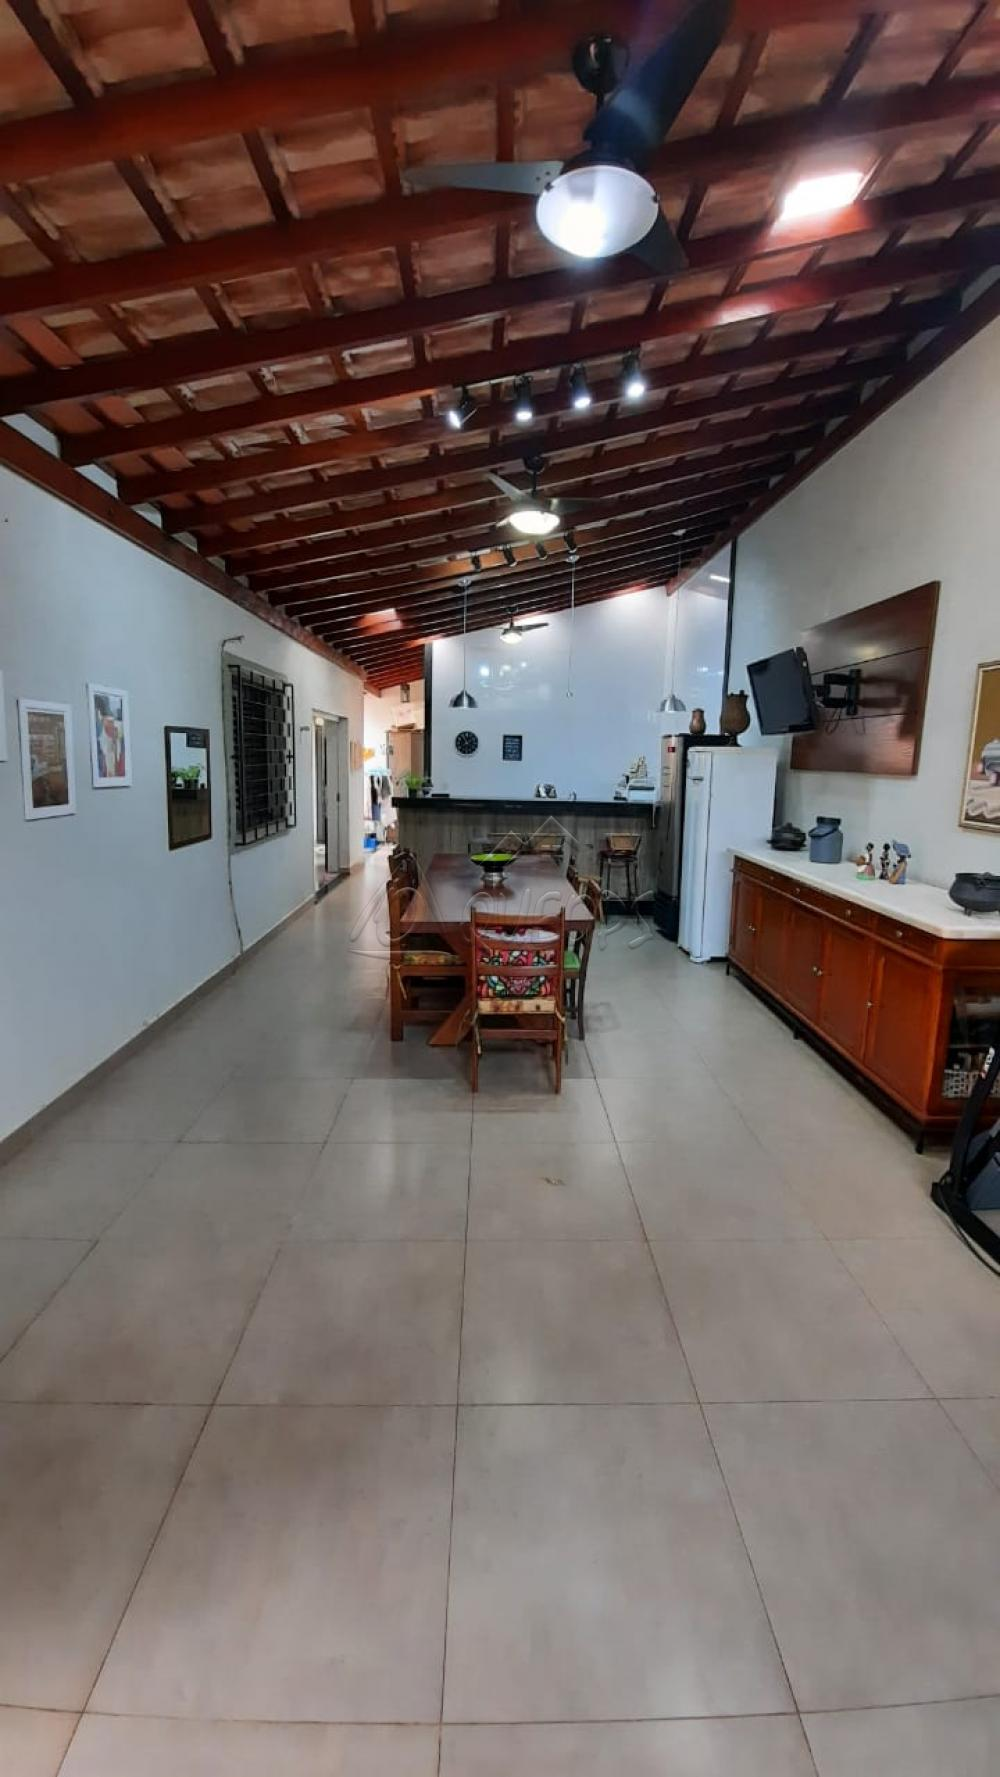 Comprar Casa / Padrão em Barretos apenas R$ 500.000,00 - Foto 33